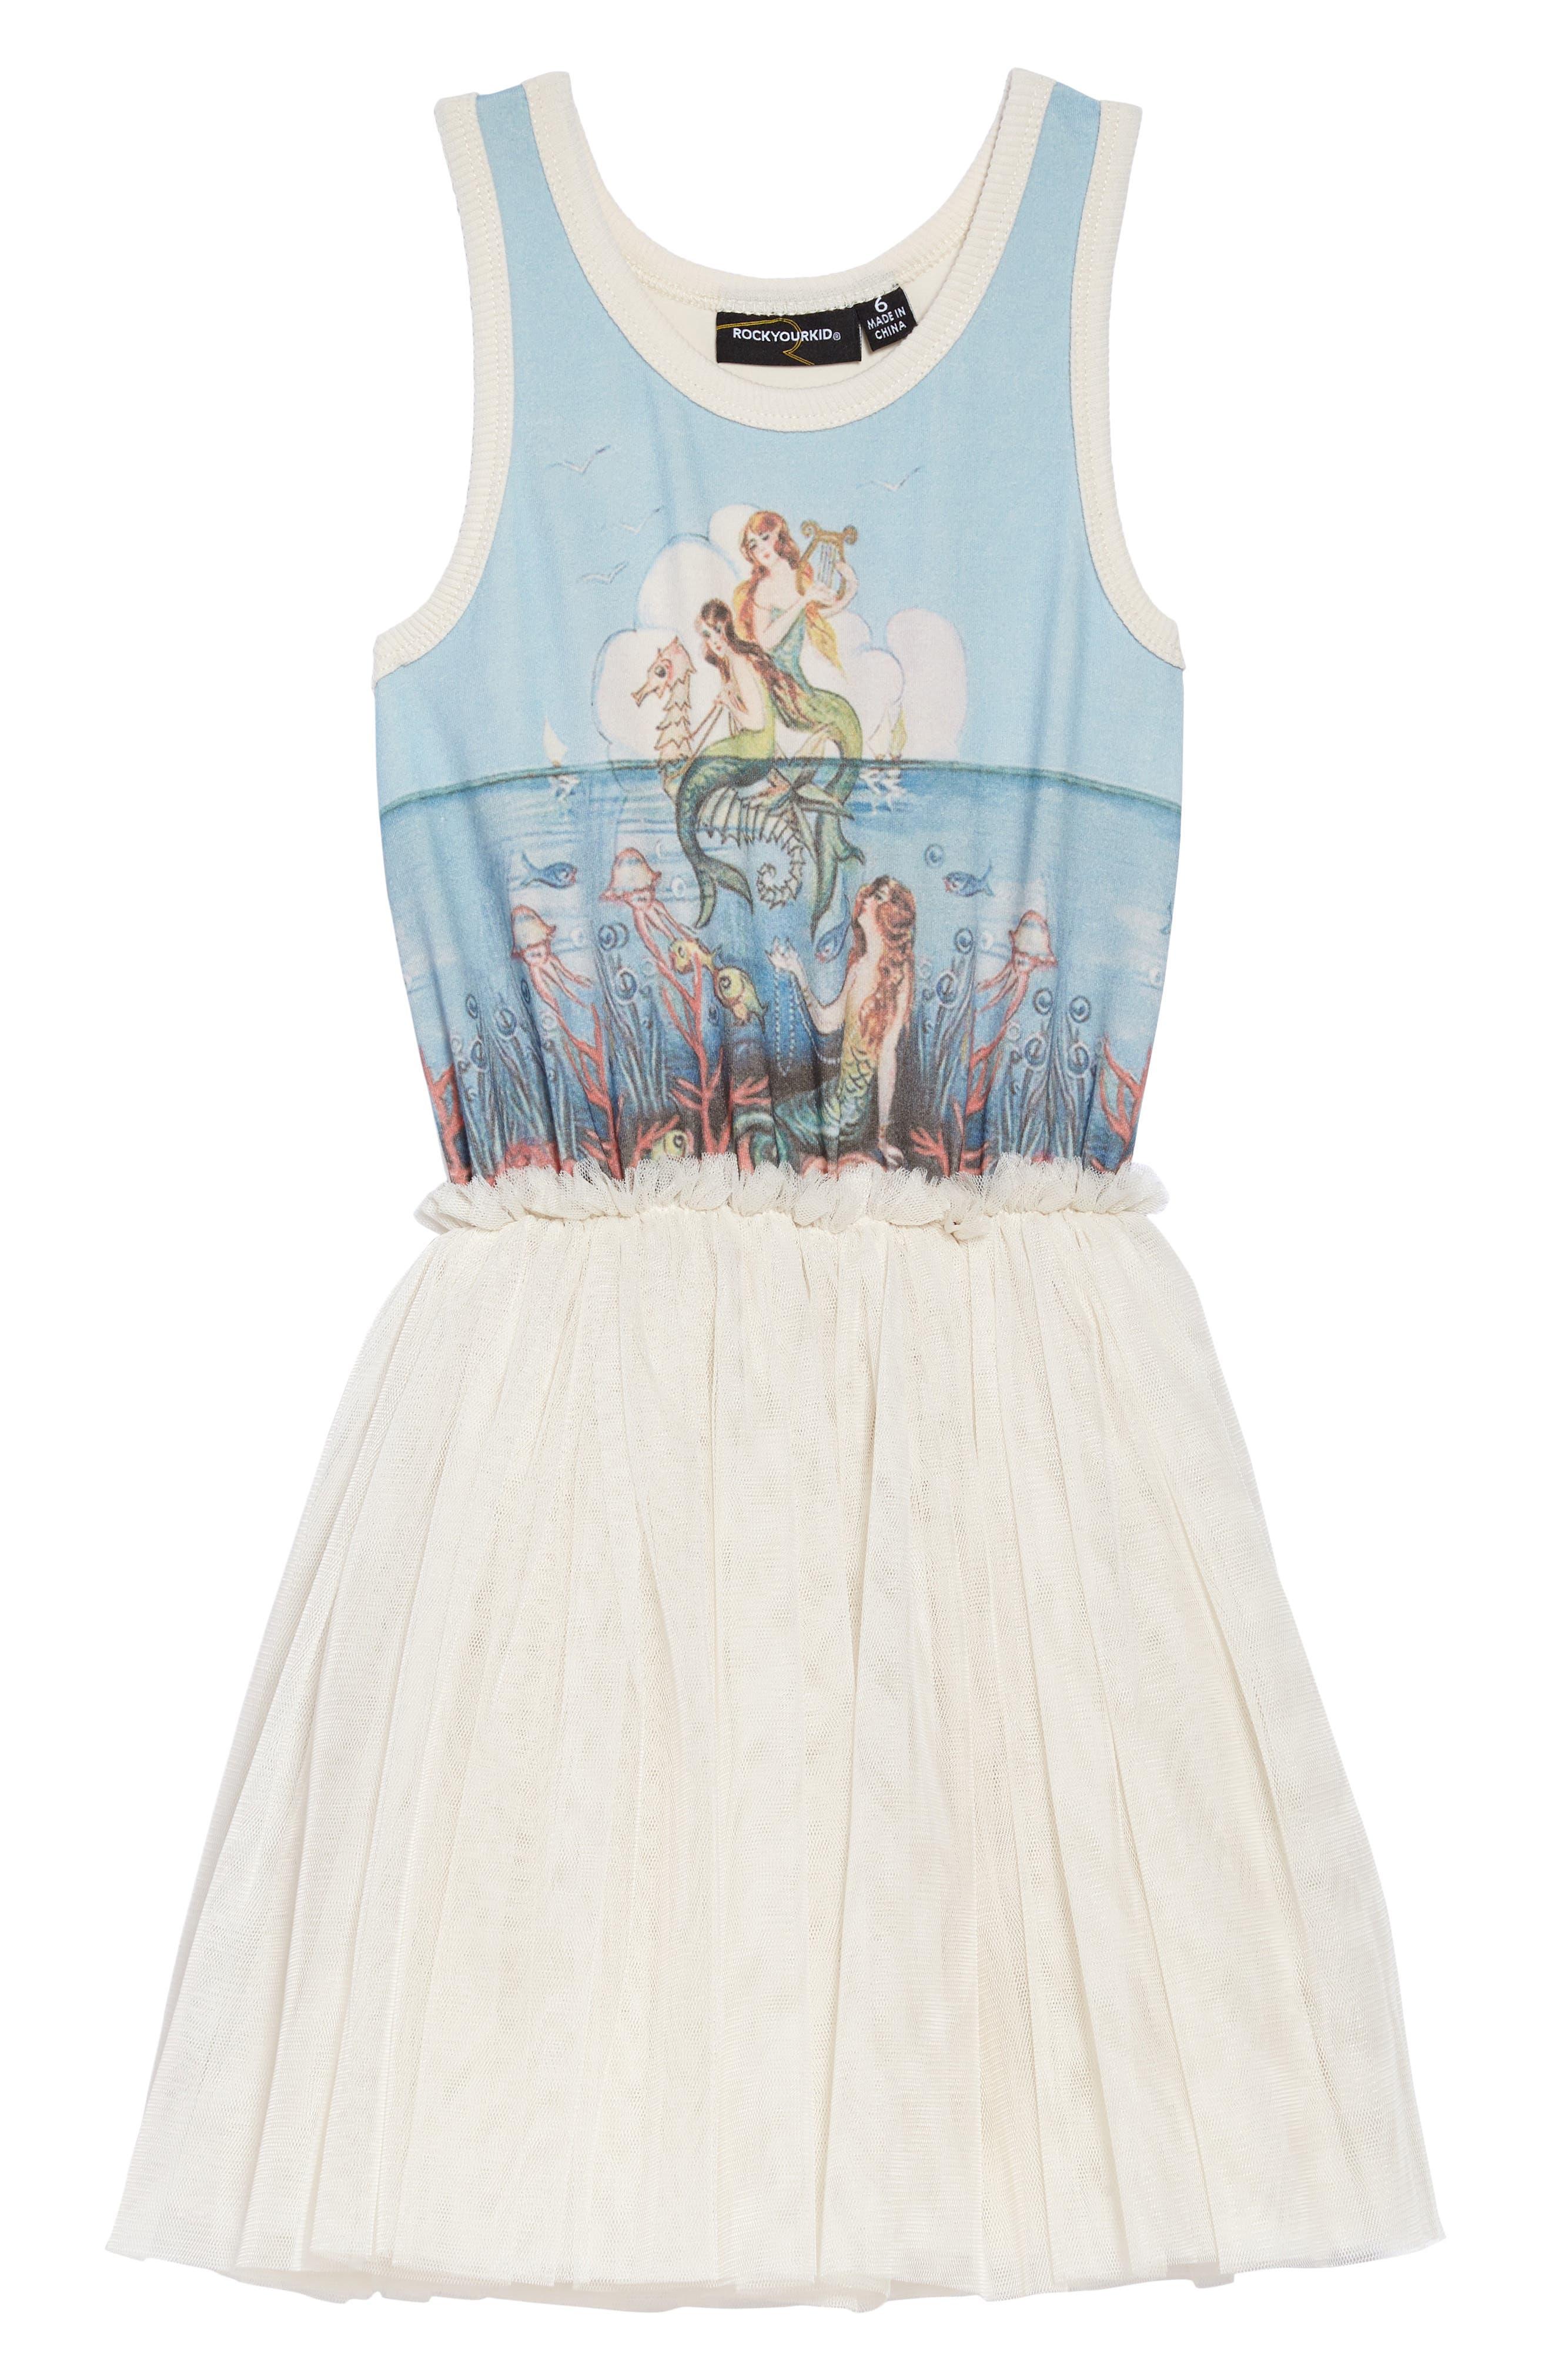 Rock Your Kid Little Mermaids Circus Tank Dress (Toddler Girls & Little Girls)